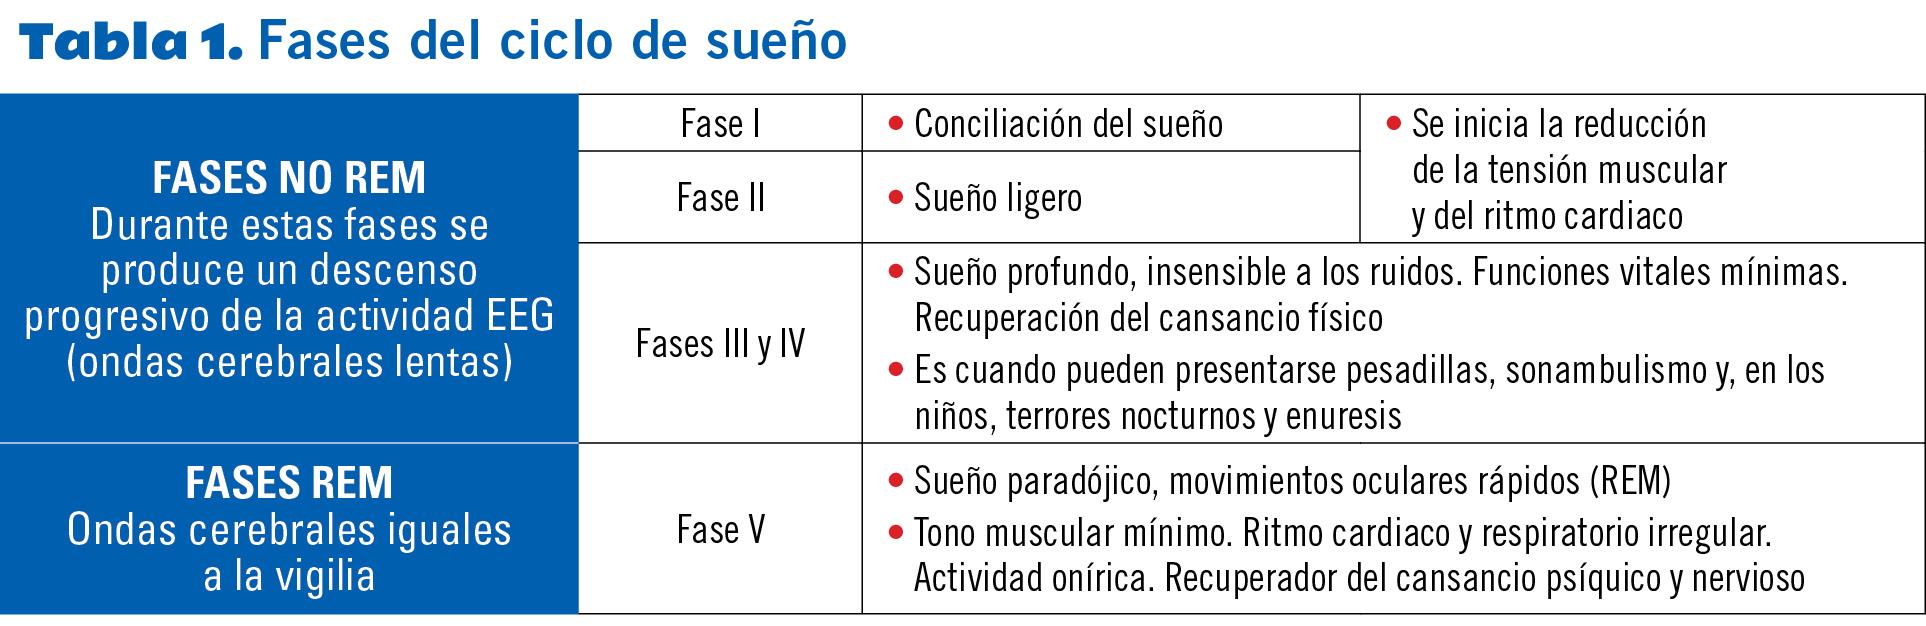 12 EF582 PROTOCOLOS TRASTORNOS SUENO tabla 1